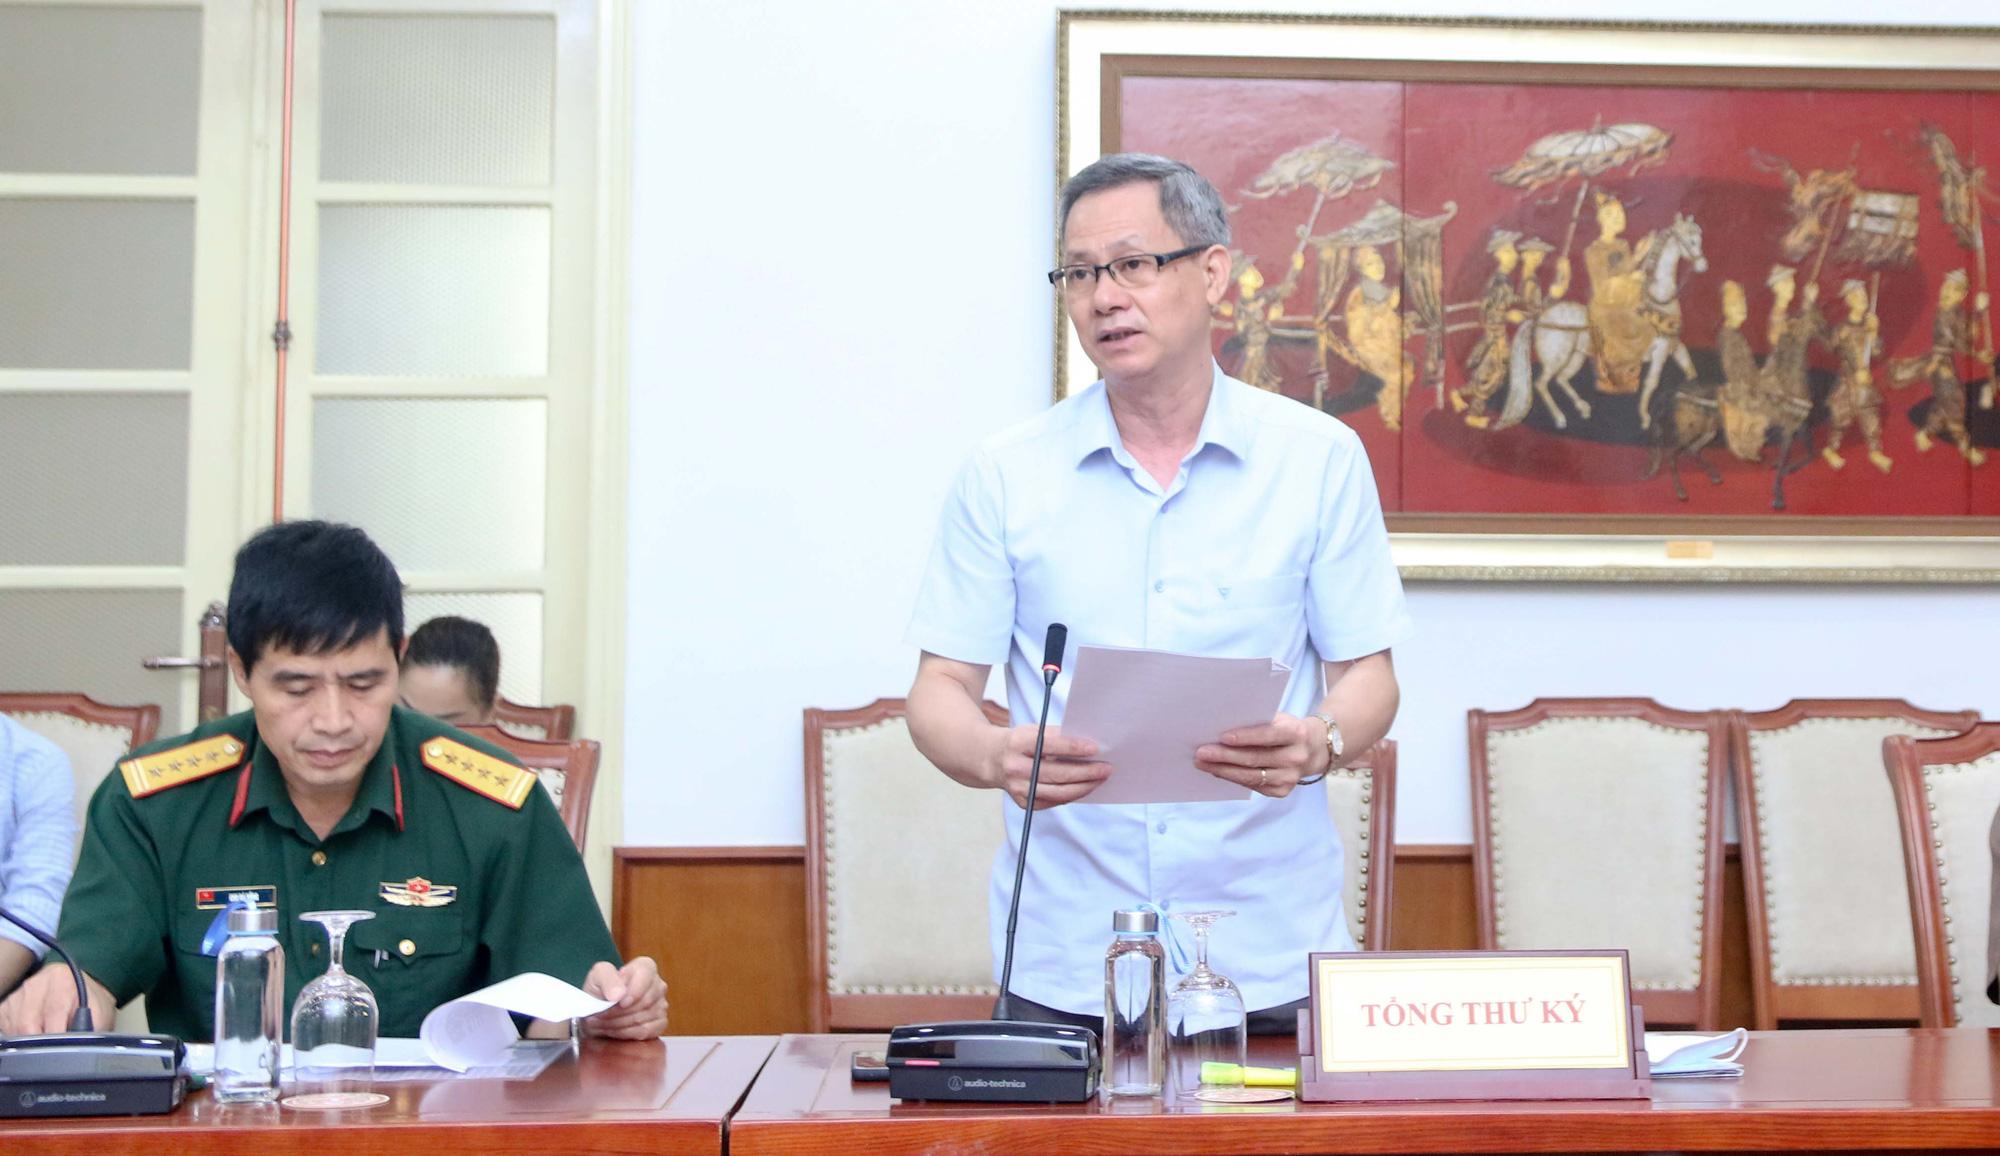 Ủy ban Olympic Việt Nam tích cực chuẩn bị cho Đại hội đại biểu khóa VI - Ảnh 2.